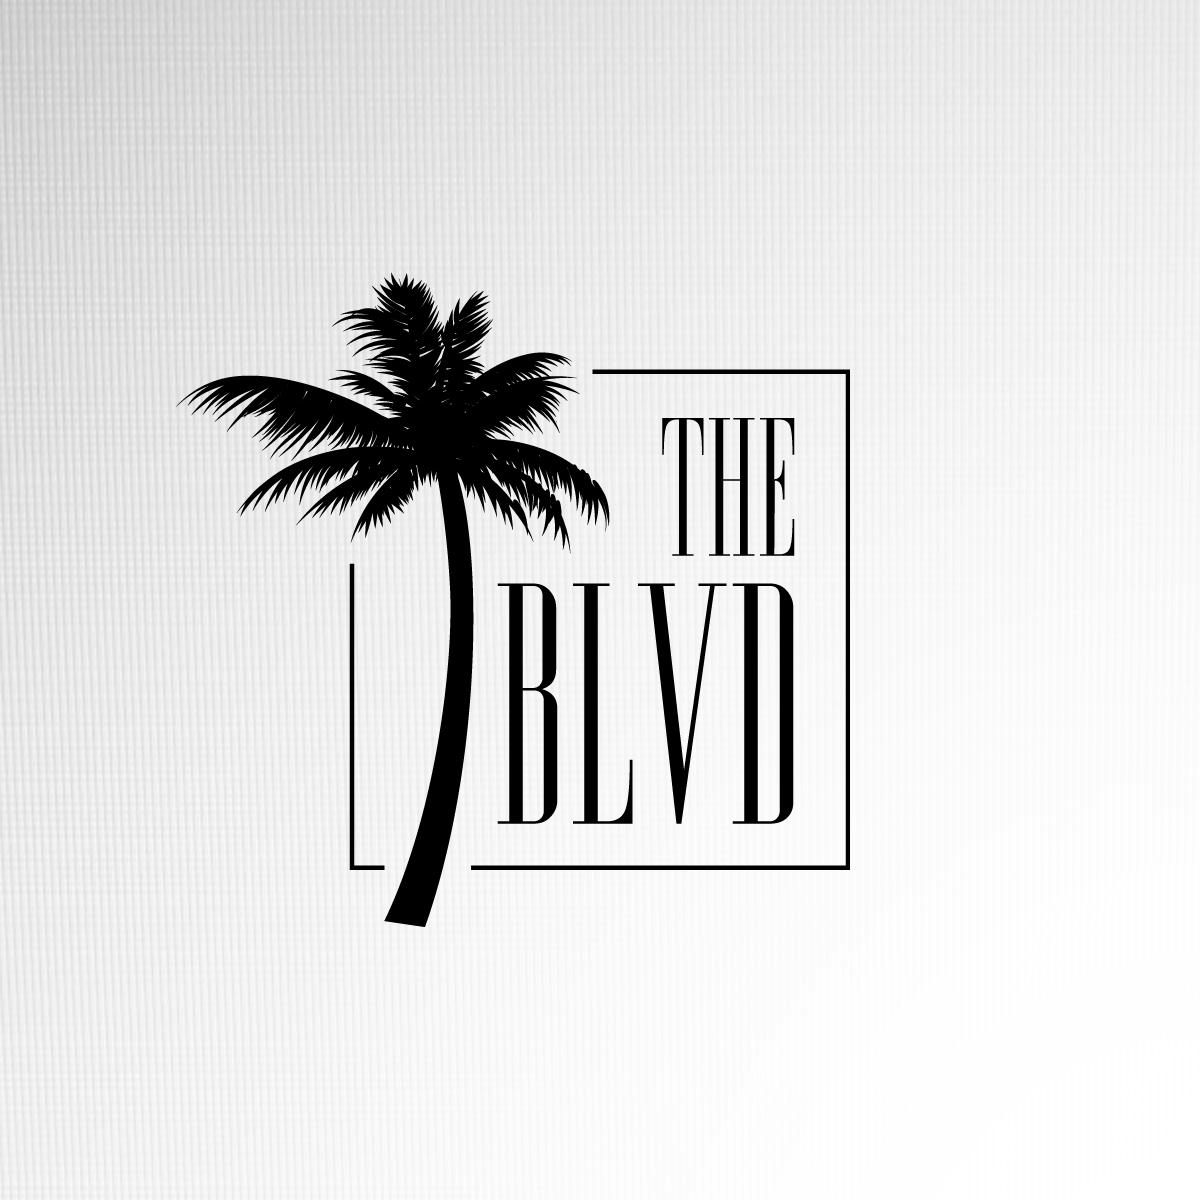 ClientBranding_SocialPost_BLVD_BWLogo.jpg